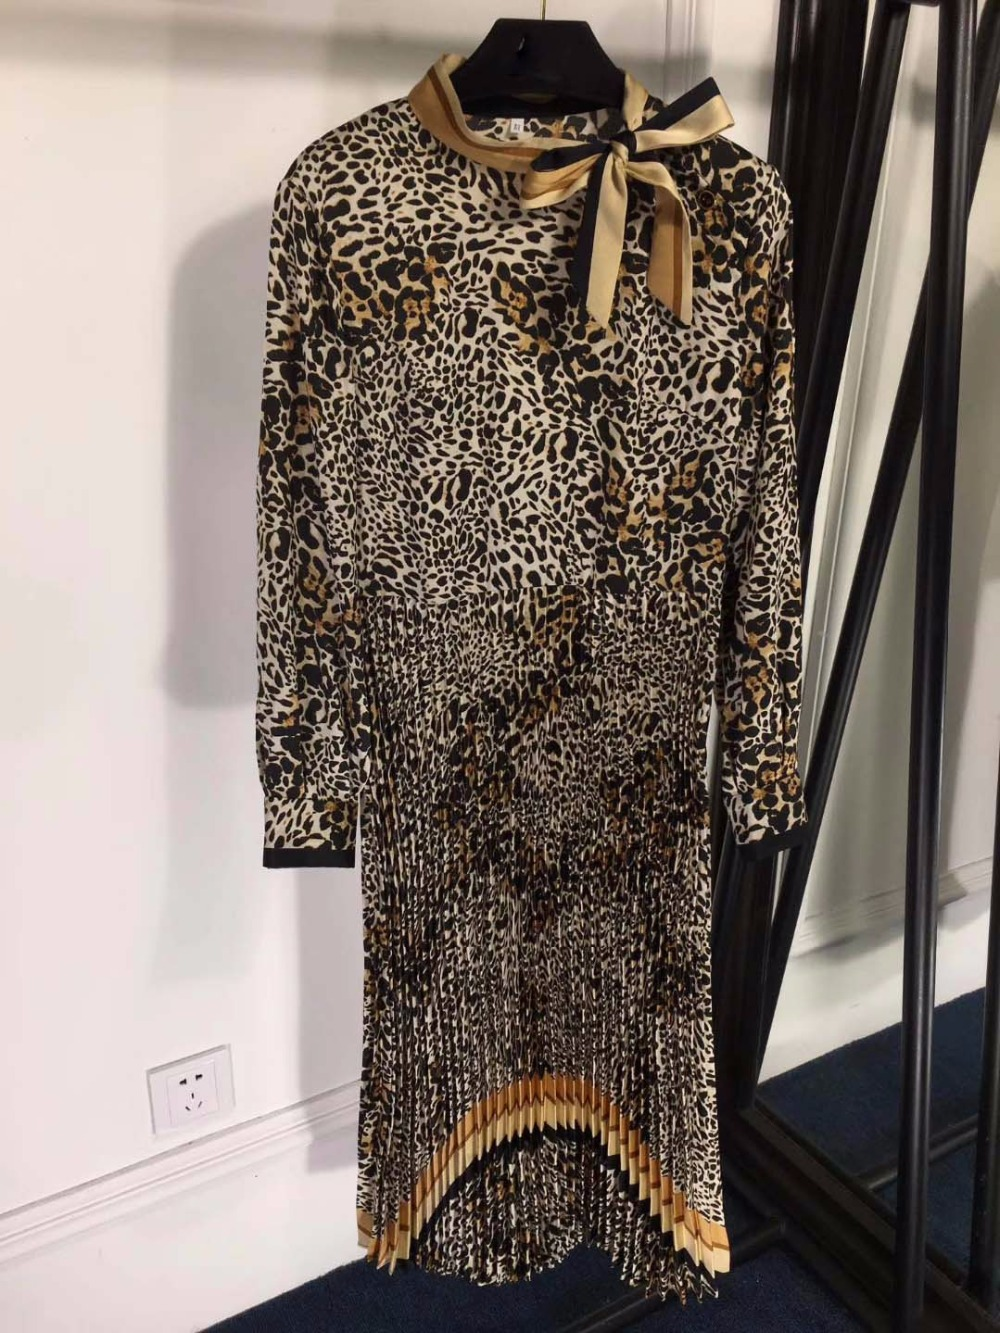 Nouveau Exquis Femmes Vêtements De Pour Midi Mode Élégant Vacances Robes Tempérament Le Les Vadim Vintage Bandage 3j4L5AR